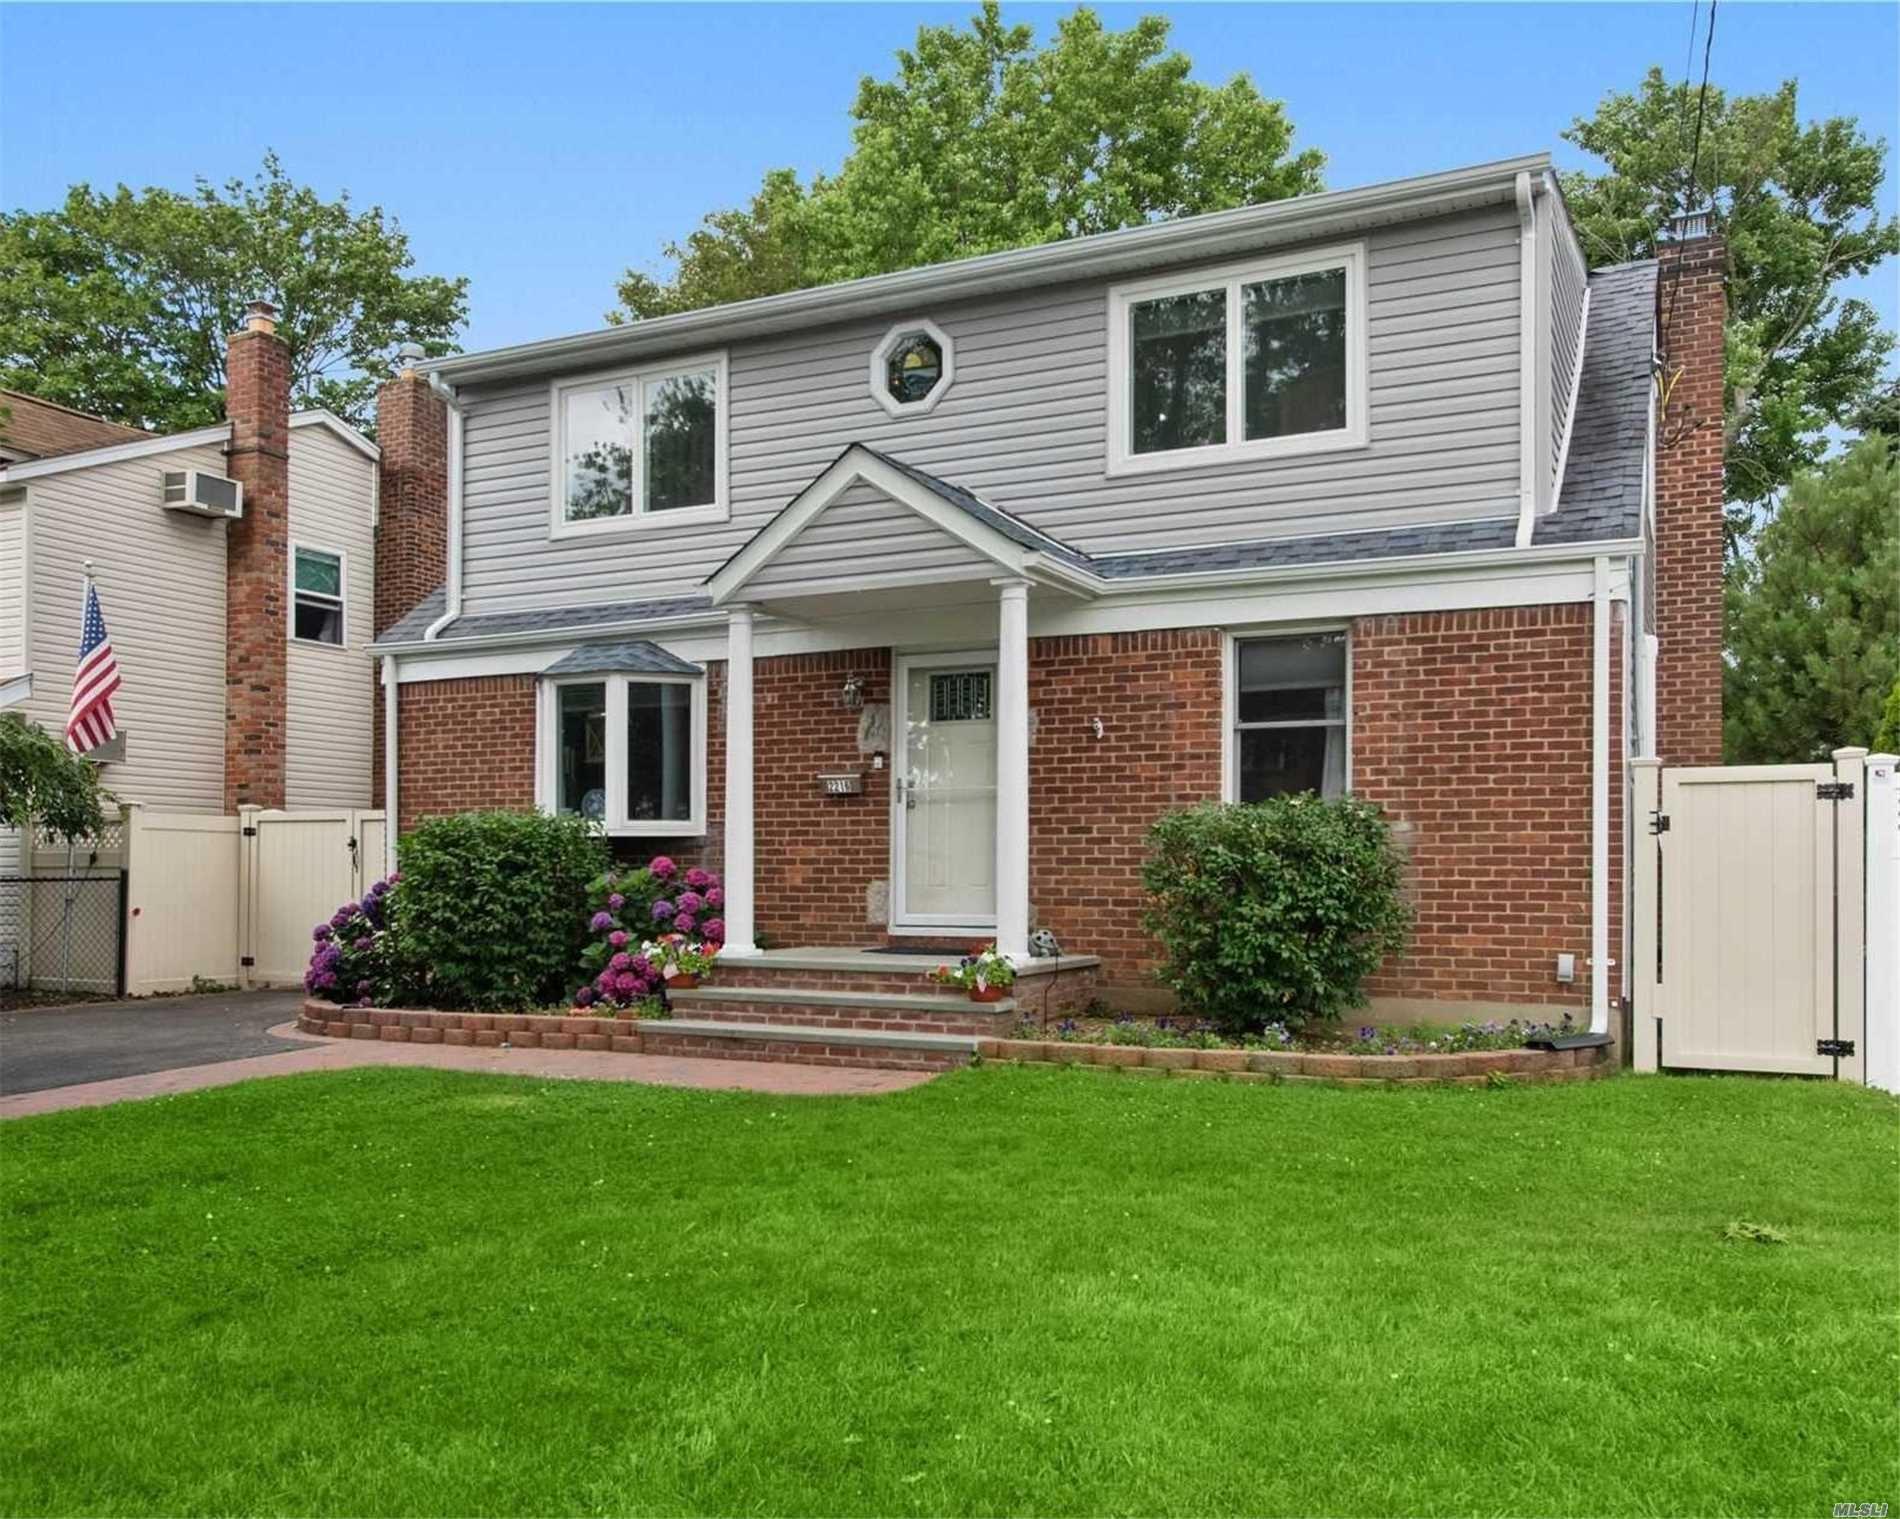 2216 Maple Street, Wantagh, NY 11793 - MLS#: 3233769